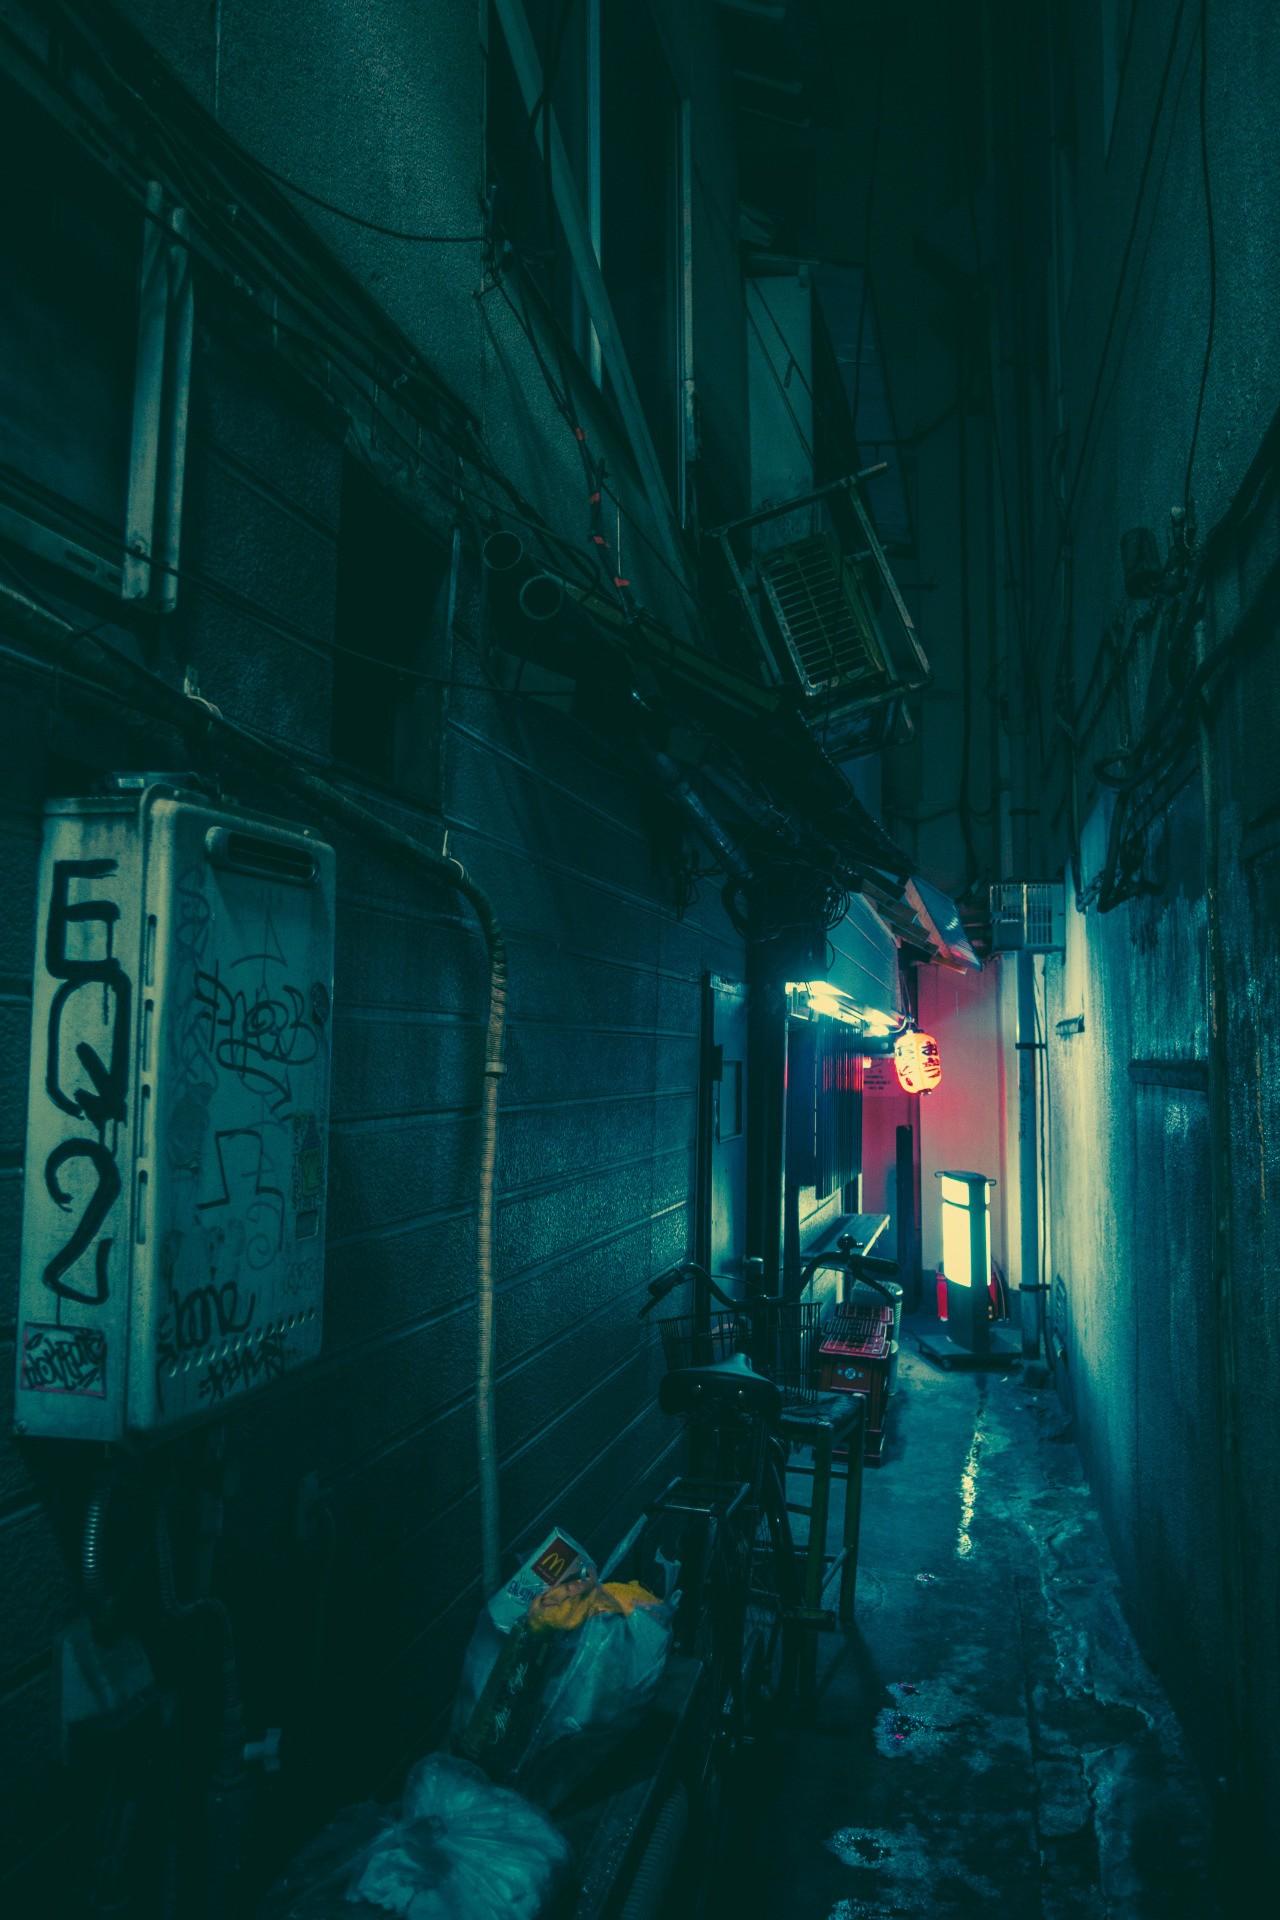 Fond d'écran : Japon, rue, nuit, bleu, Infrastructure, lumière, Couleur, ruelle, obscurité ...